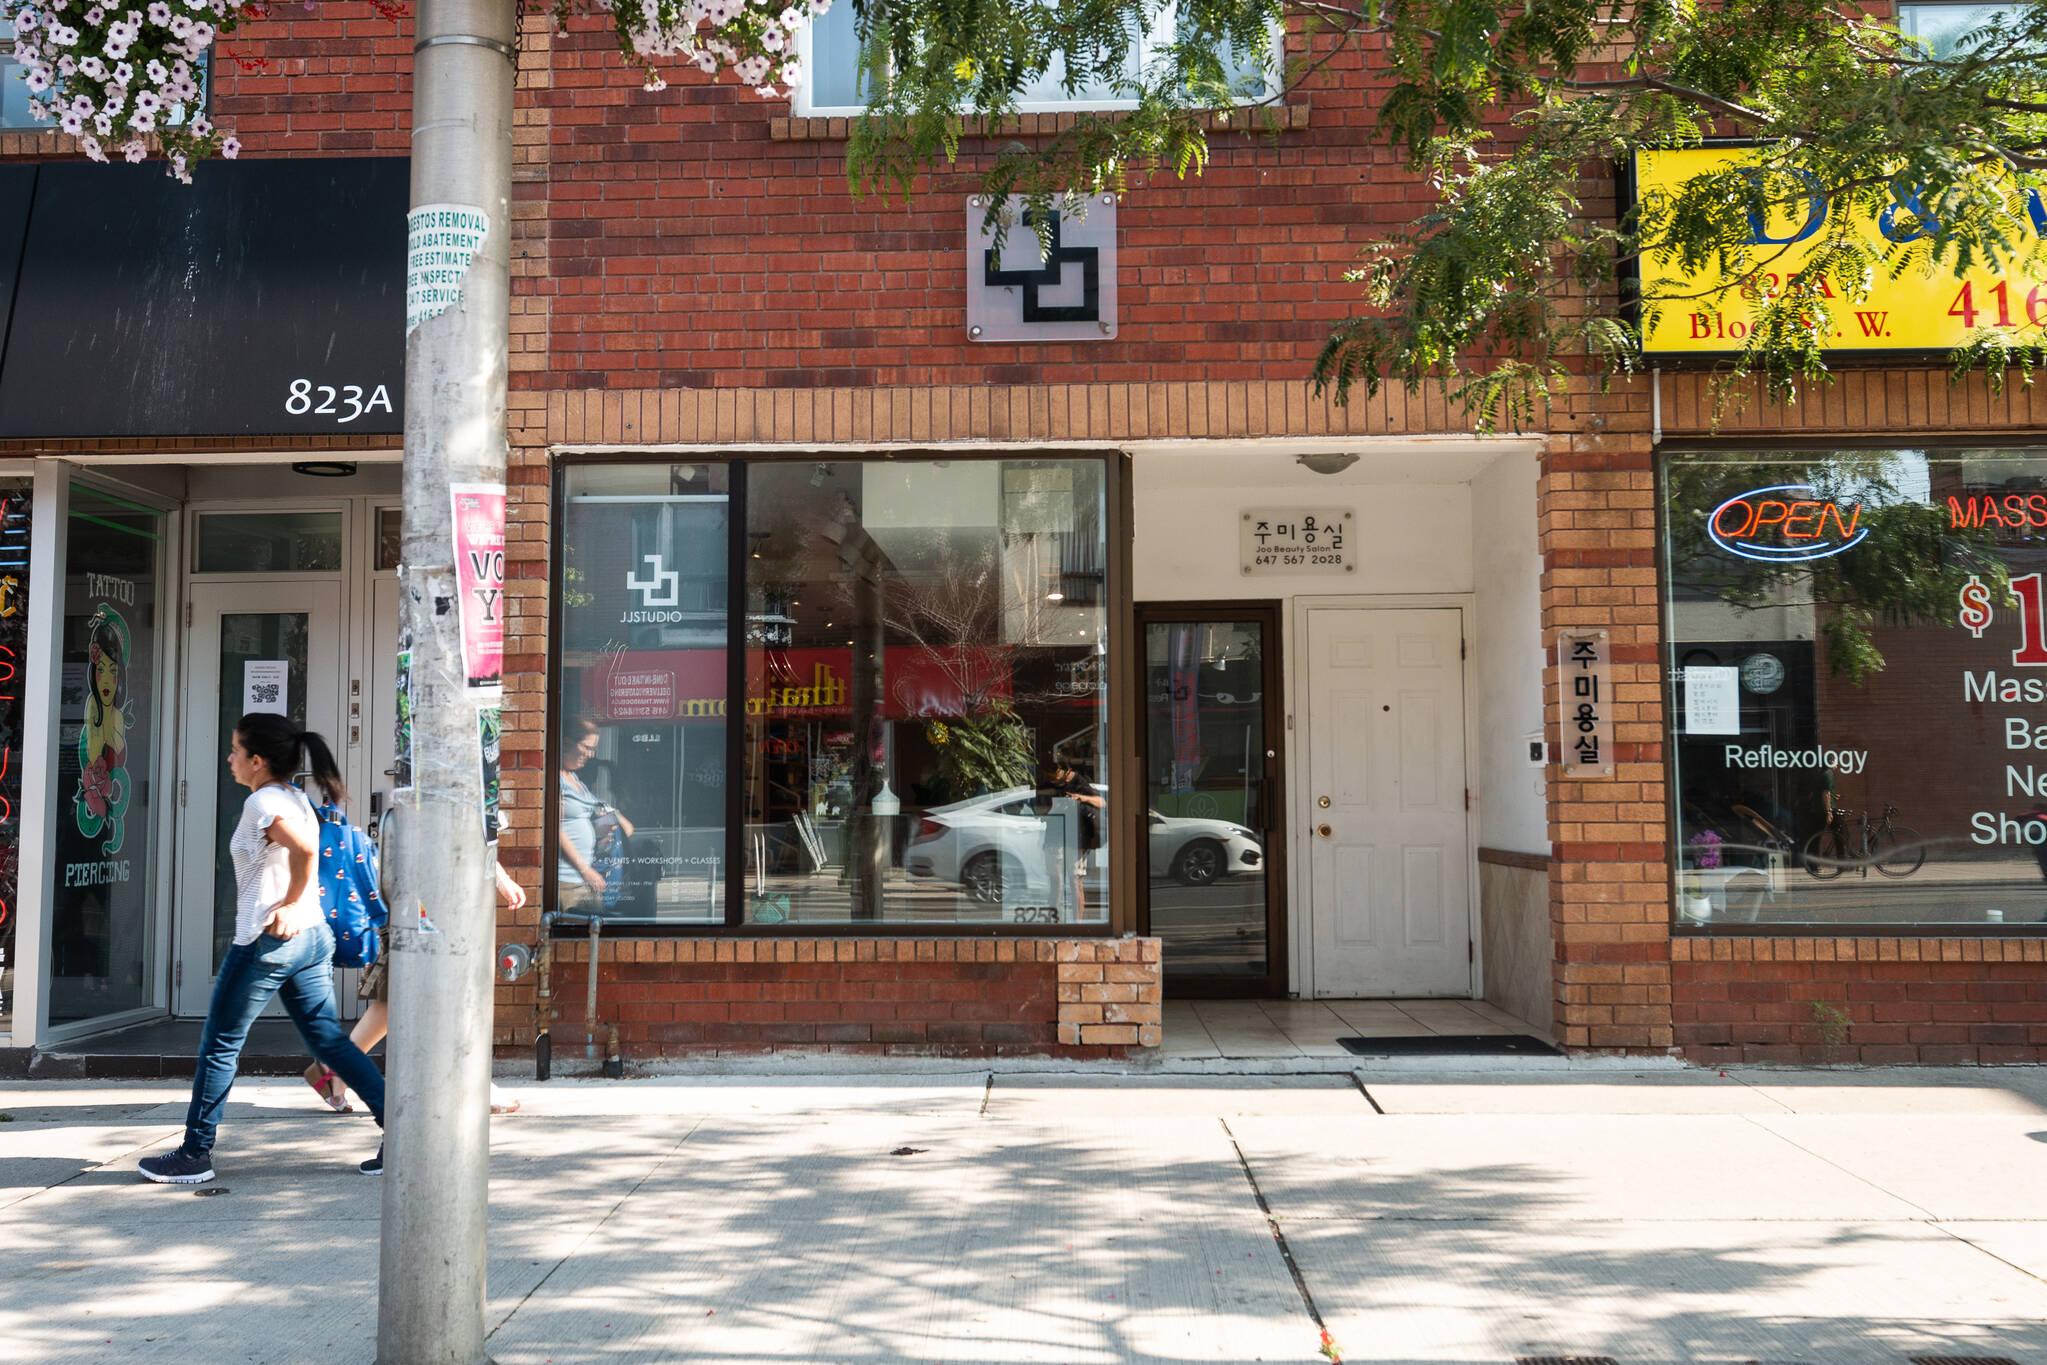 JJ Studio Toronto